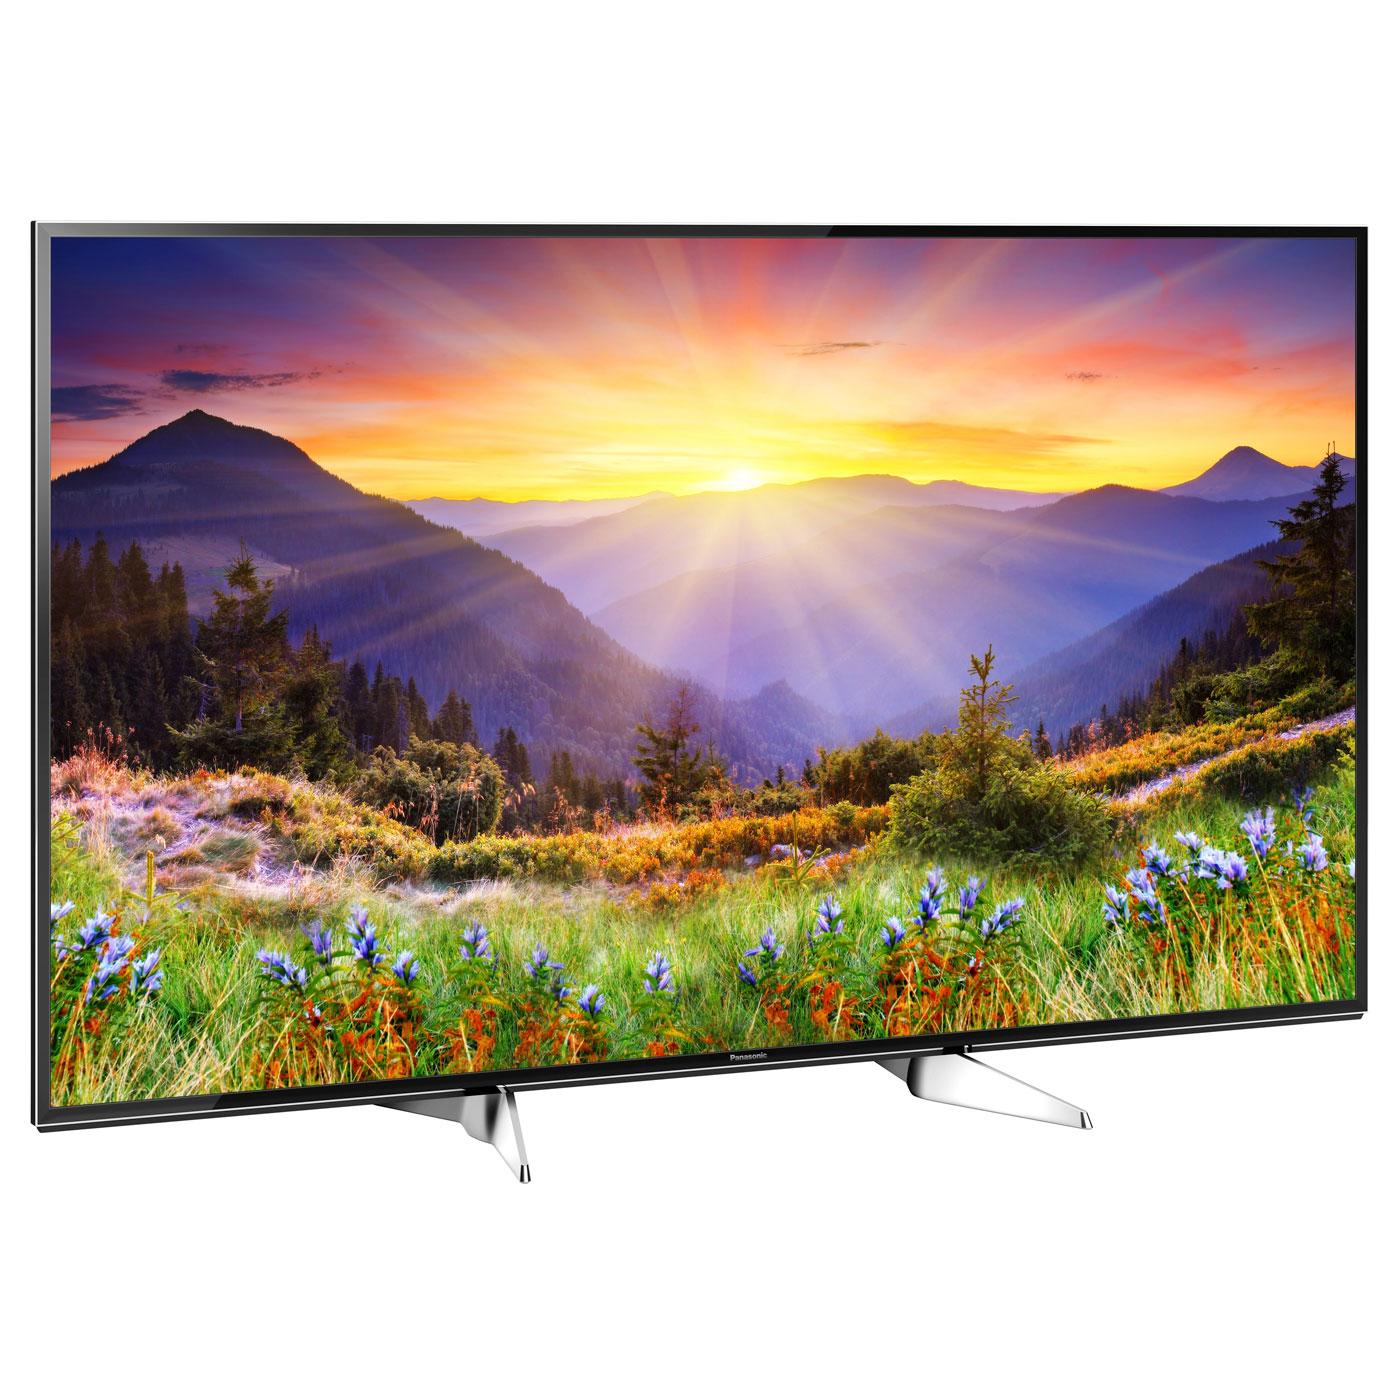 """TV 55"""" Panasonic TX-55EX600E - LED, 4K UHD, HDR, Smart TV (via ODR de 150€)"""